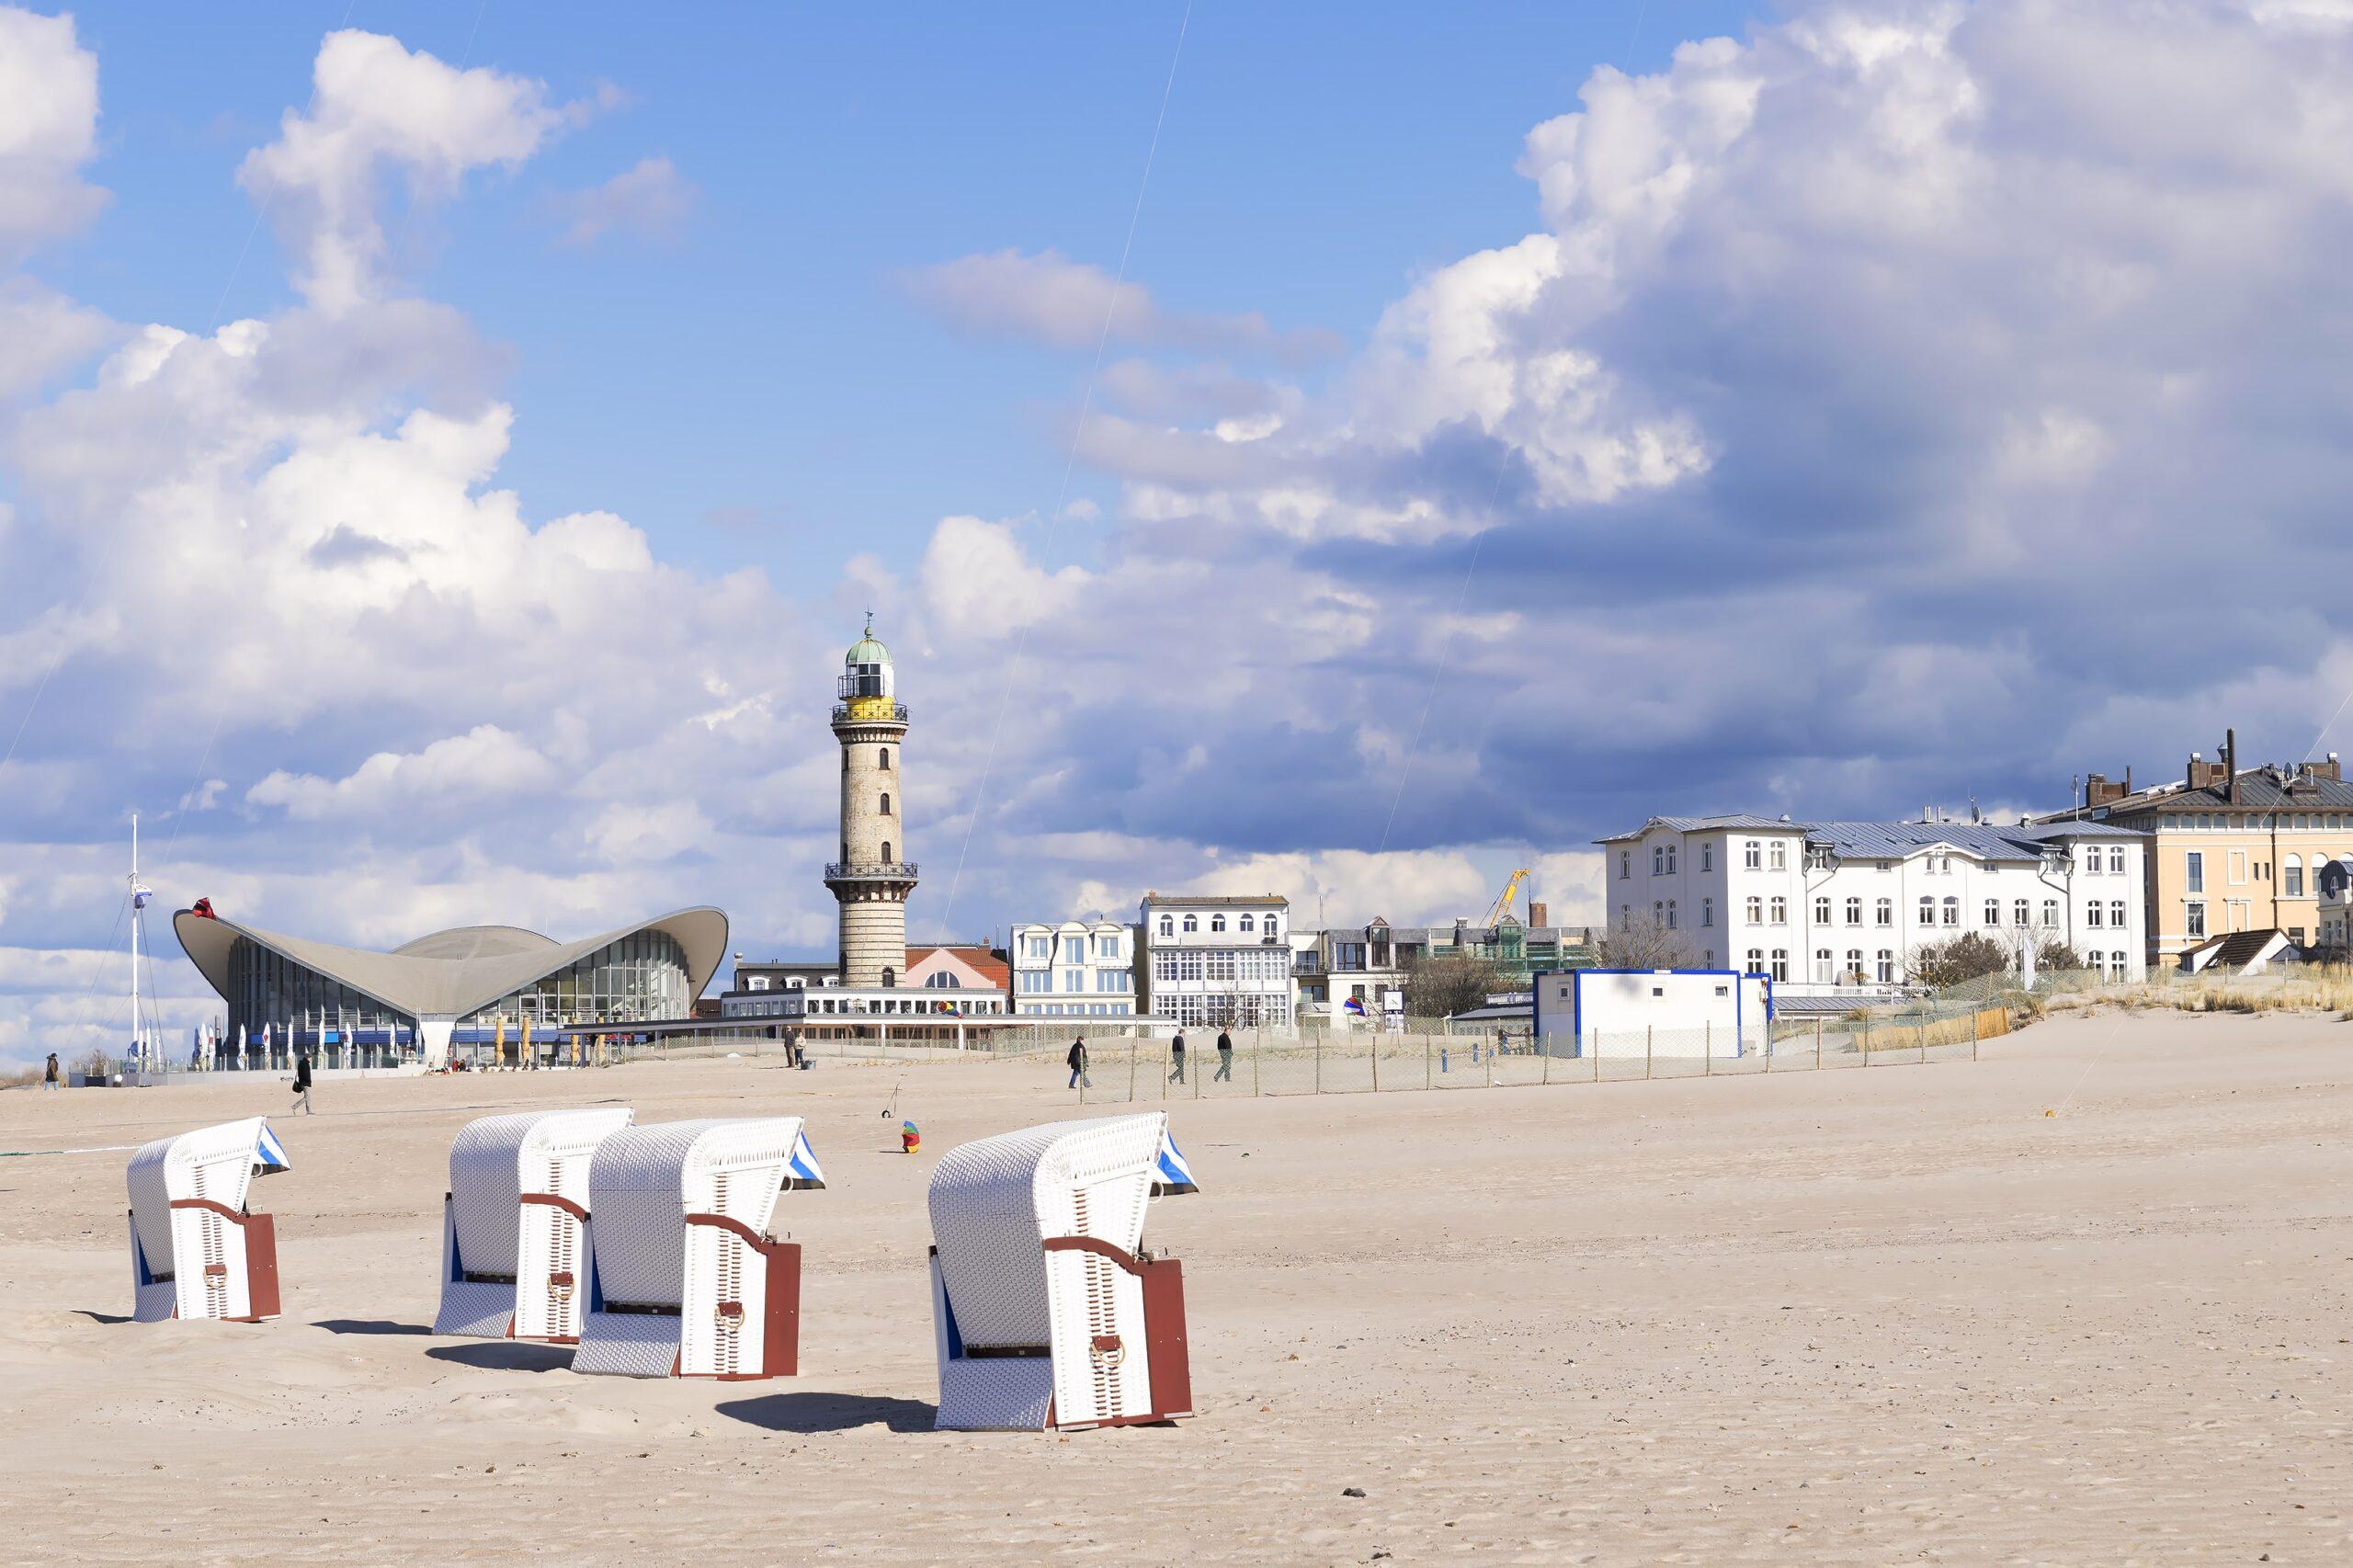 Strandkörbe in Warnemünde, Rostock